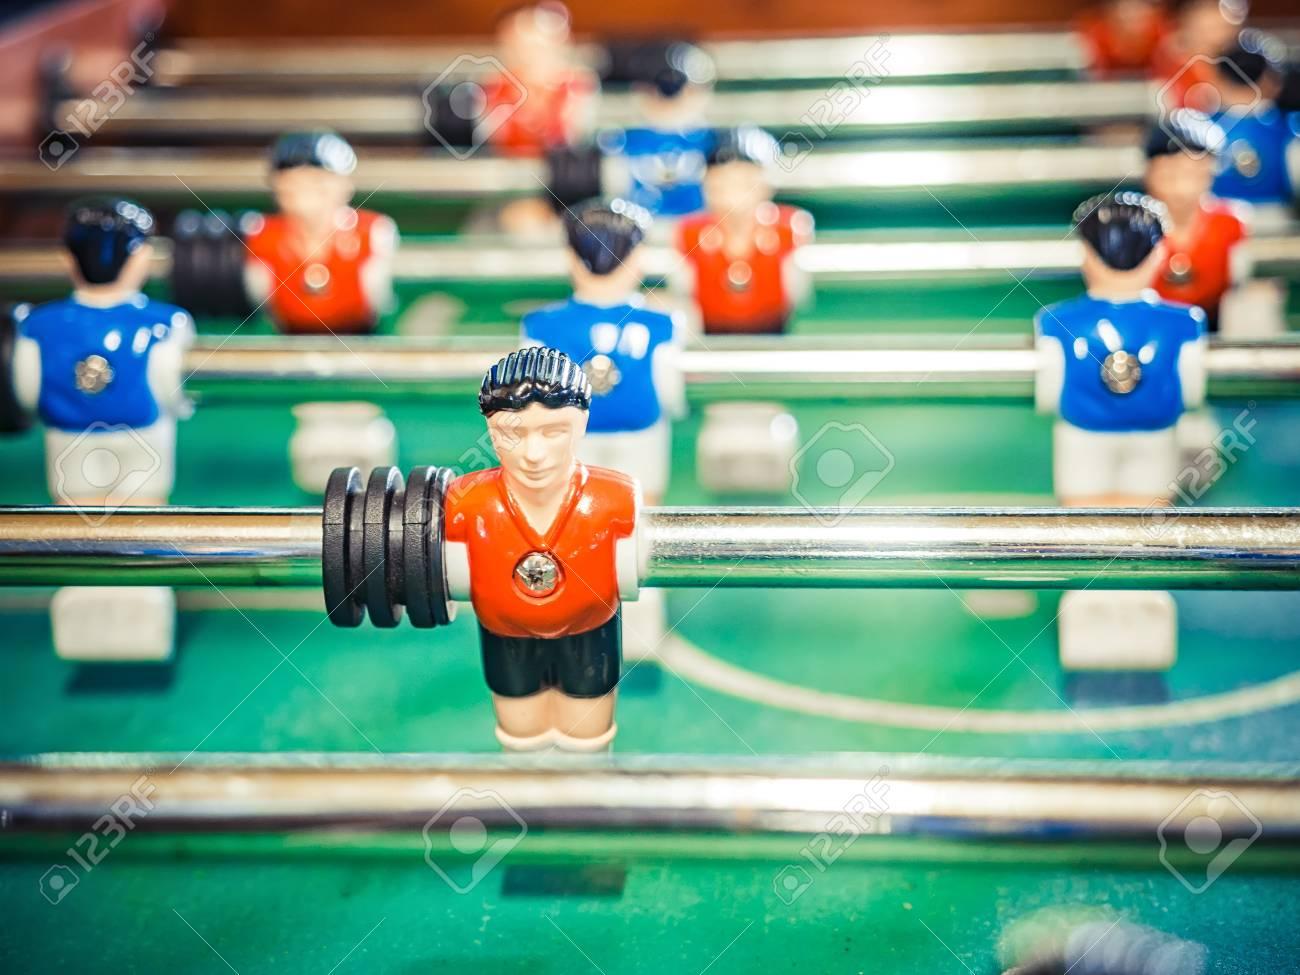 f0724018df120a Banque d images - Kicker de jeu de football de table de football. Image  recadrée de baby-foot. football de table